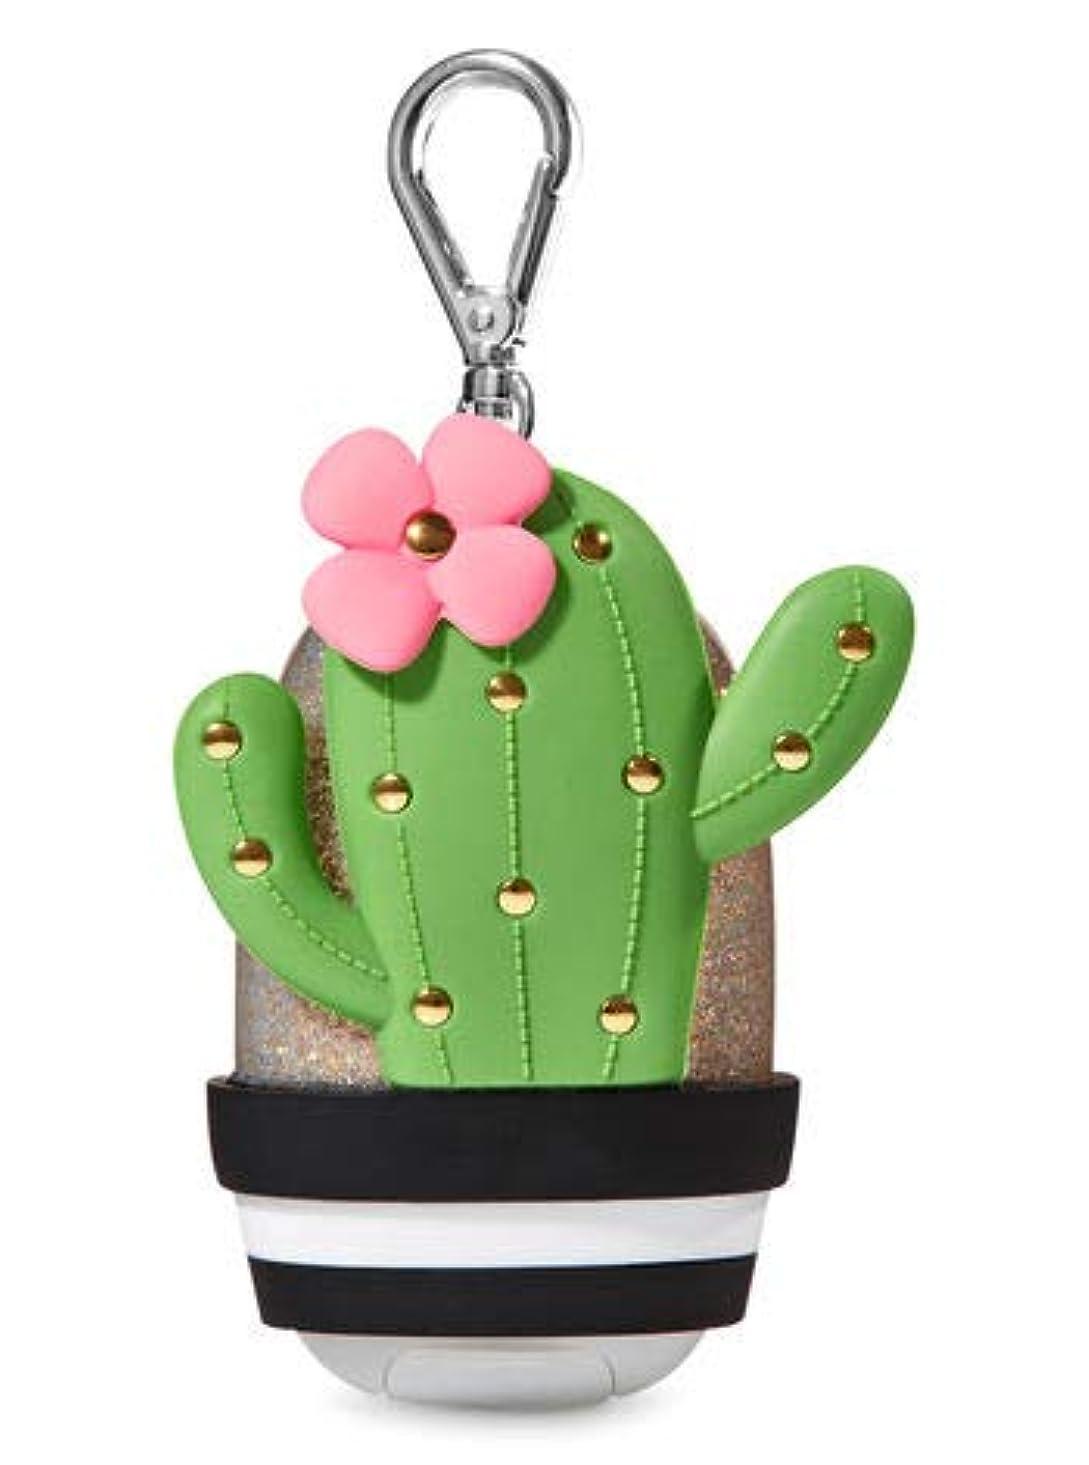 悪意のあるボアバリア【Bath&Body Works/バス&ボディワークス】 抗菌ハンドジェルホルダー カクタス Pocketbac Holder Cactus [並行輸入品]